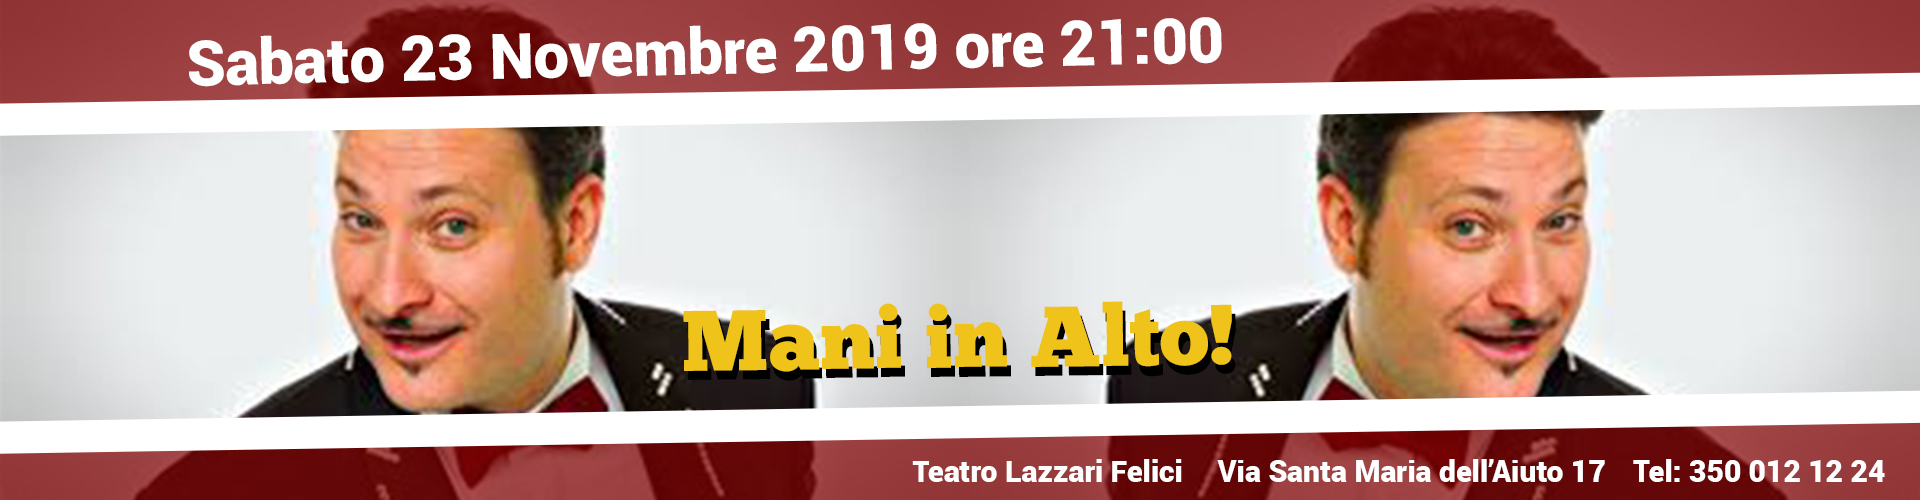 Spettacolo musical teatrale a Napoli